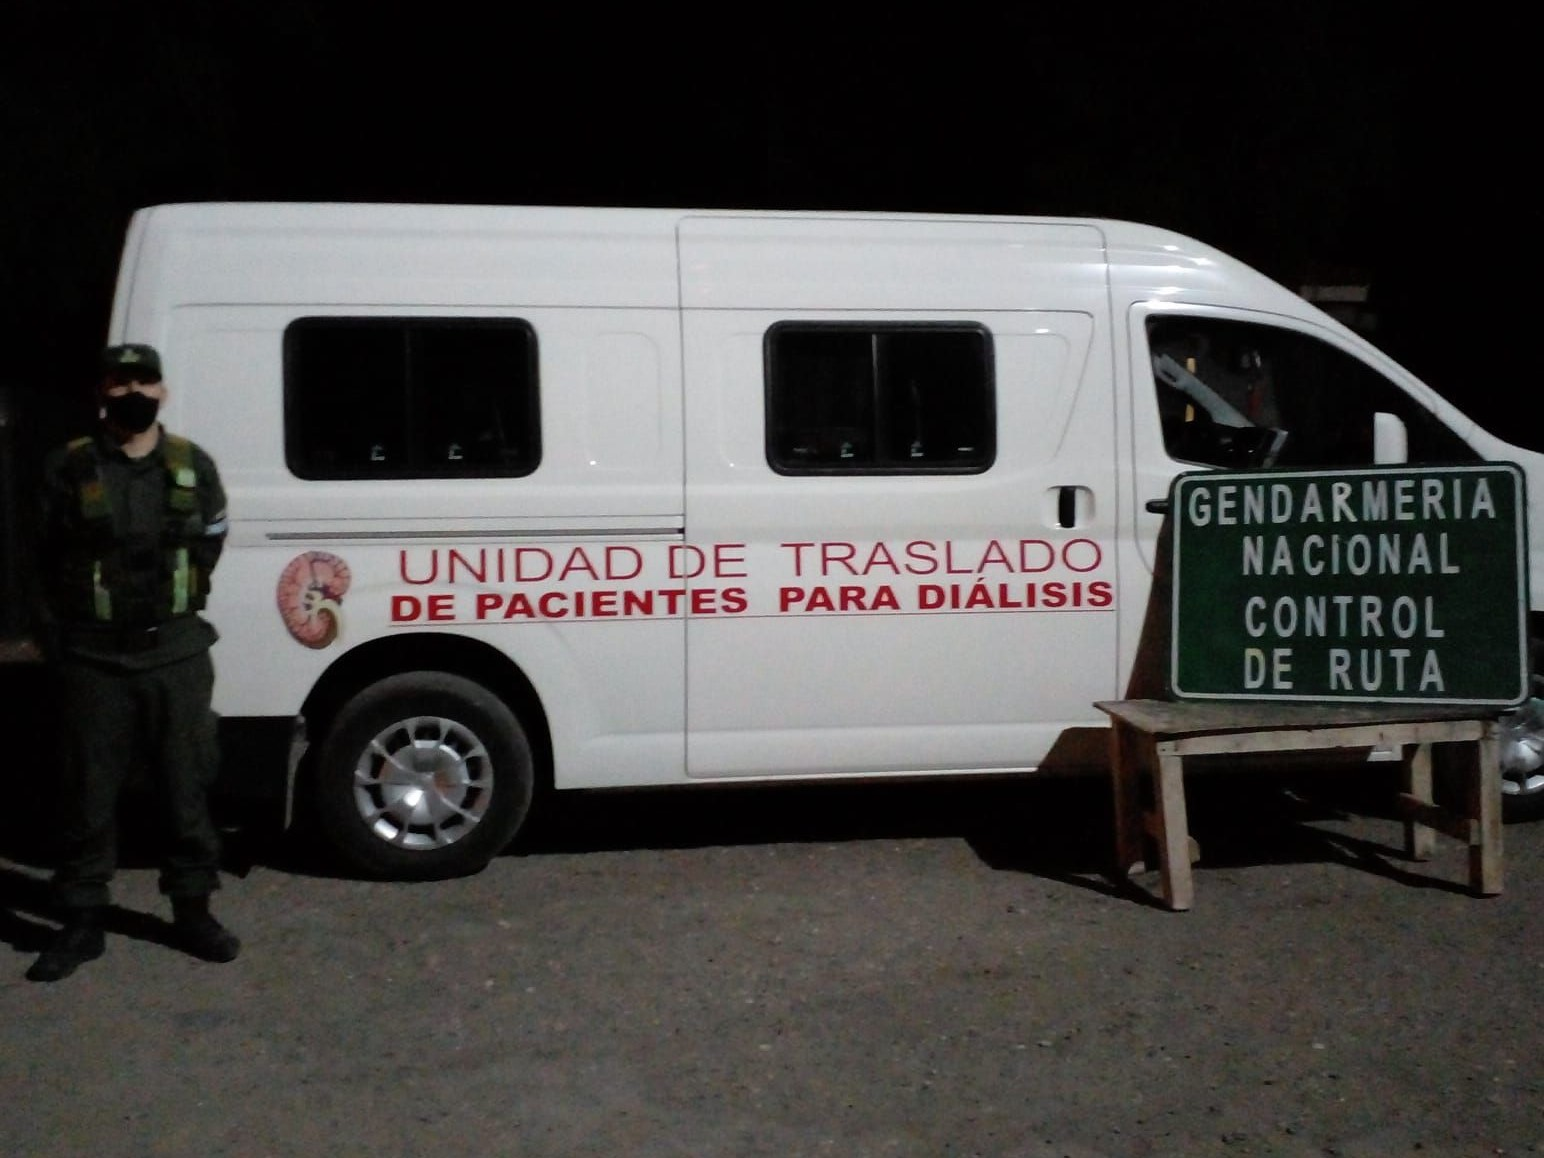 Narcos de La Rioja llevaban droga en un vehículo de trasladado de pacientes para diálisis